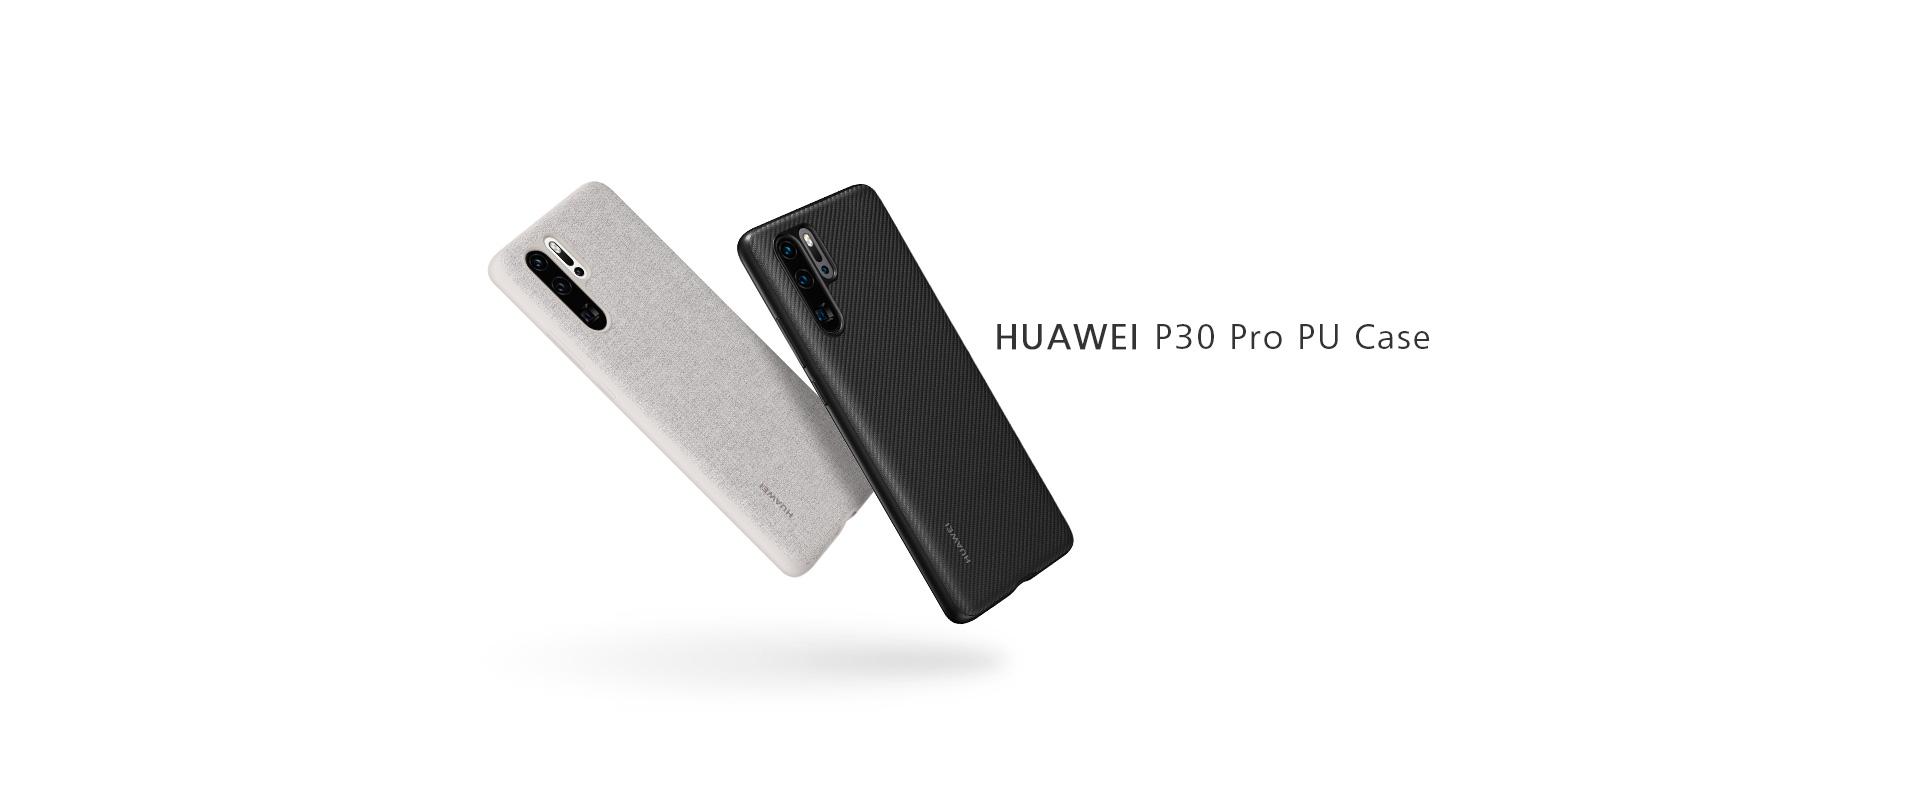 Huawei P30 Pro PU Case